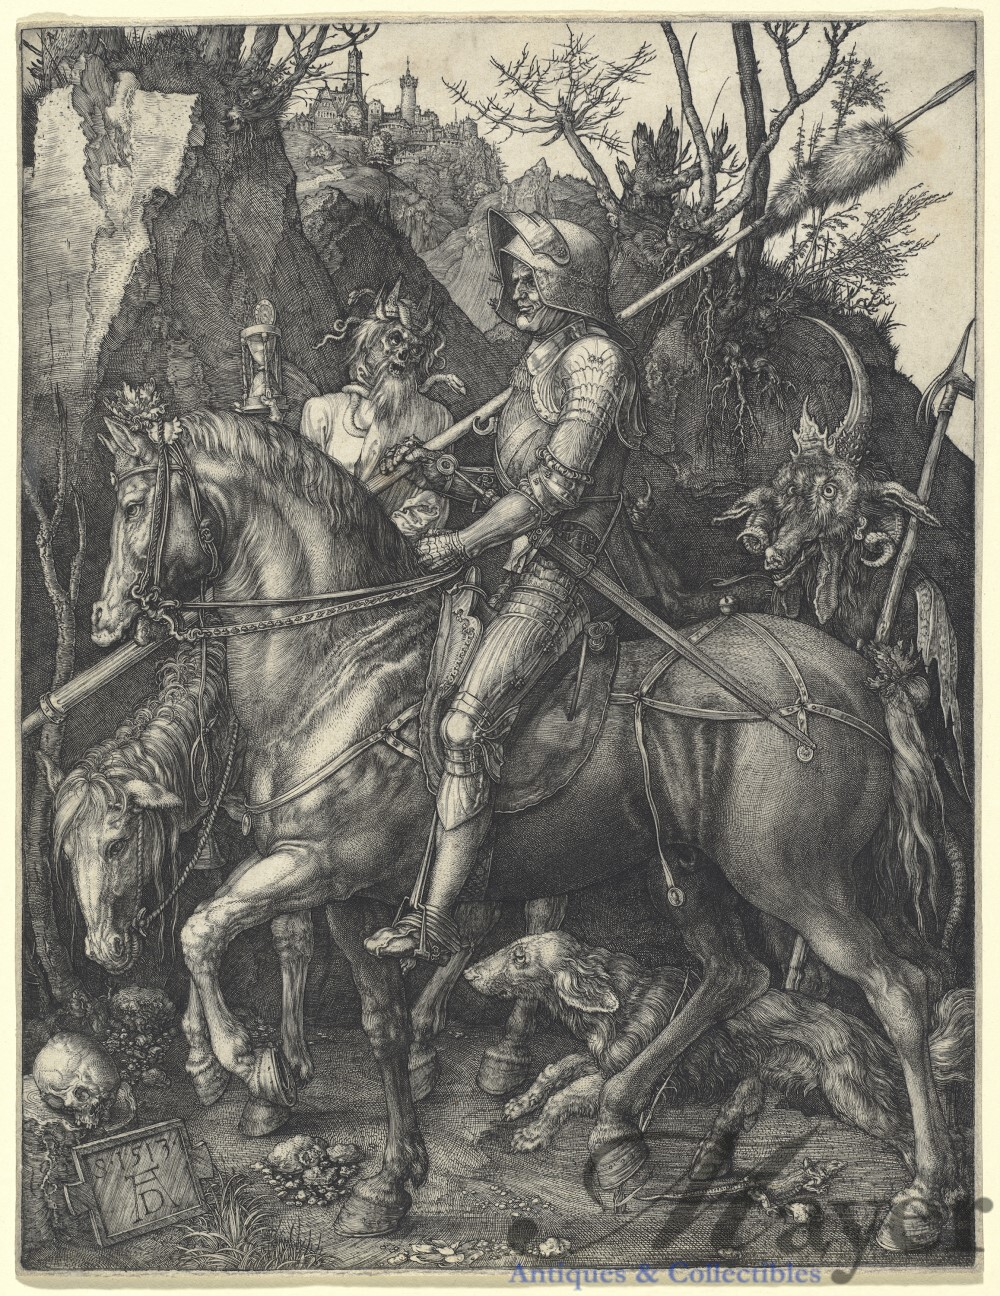 Albrecht_Dürer_-_Knight_Death_and_Devil